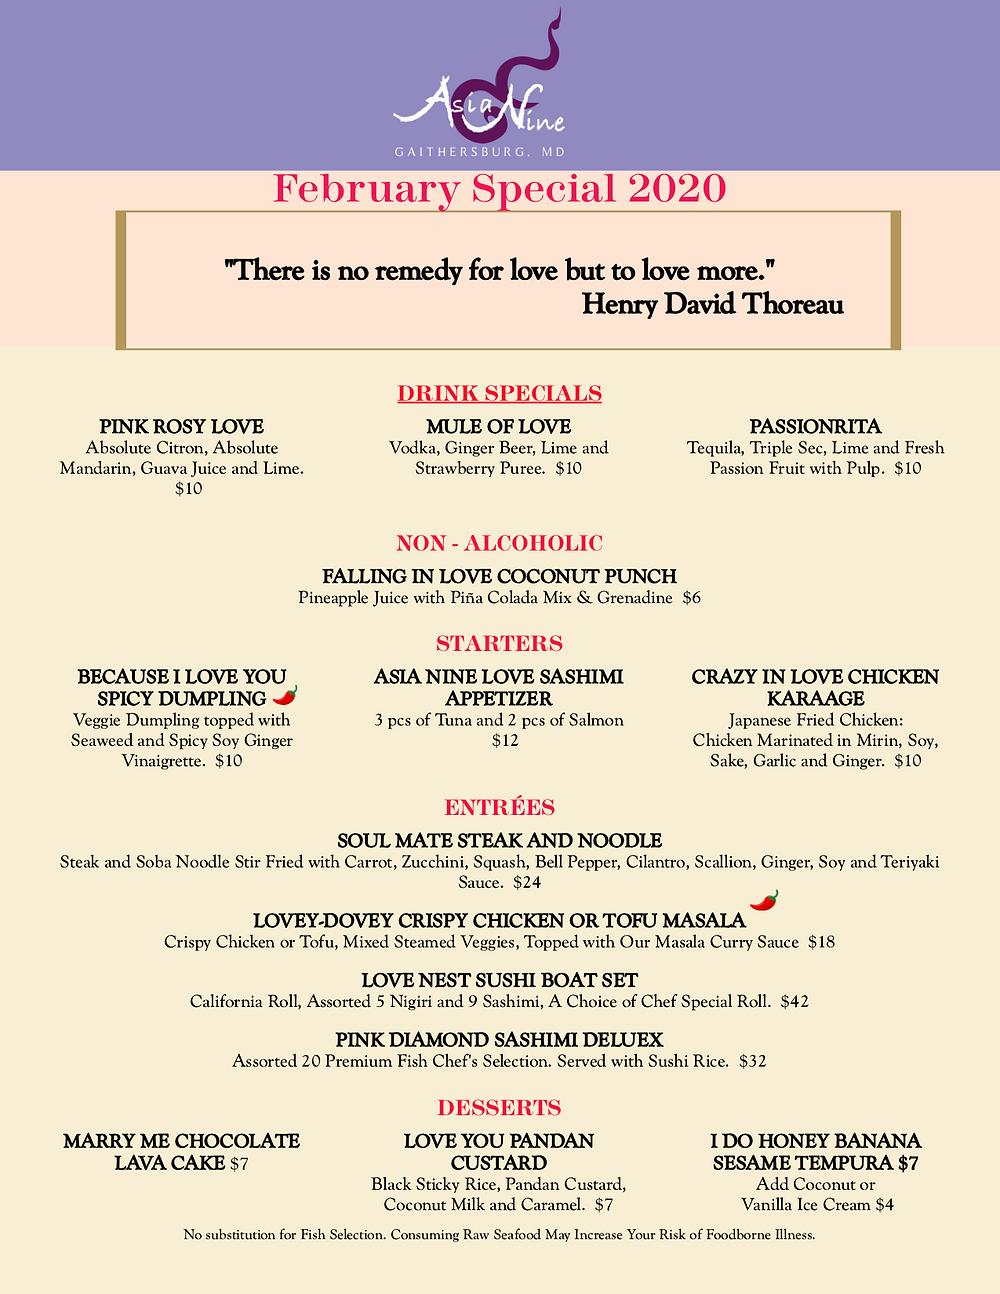 February Special Menu 2020